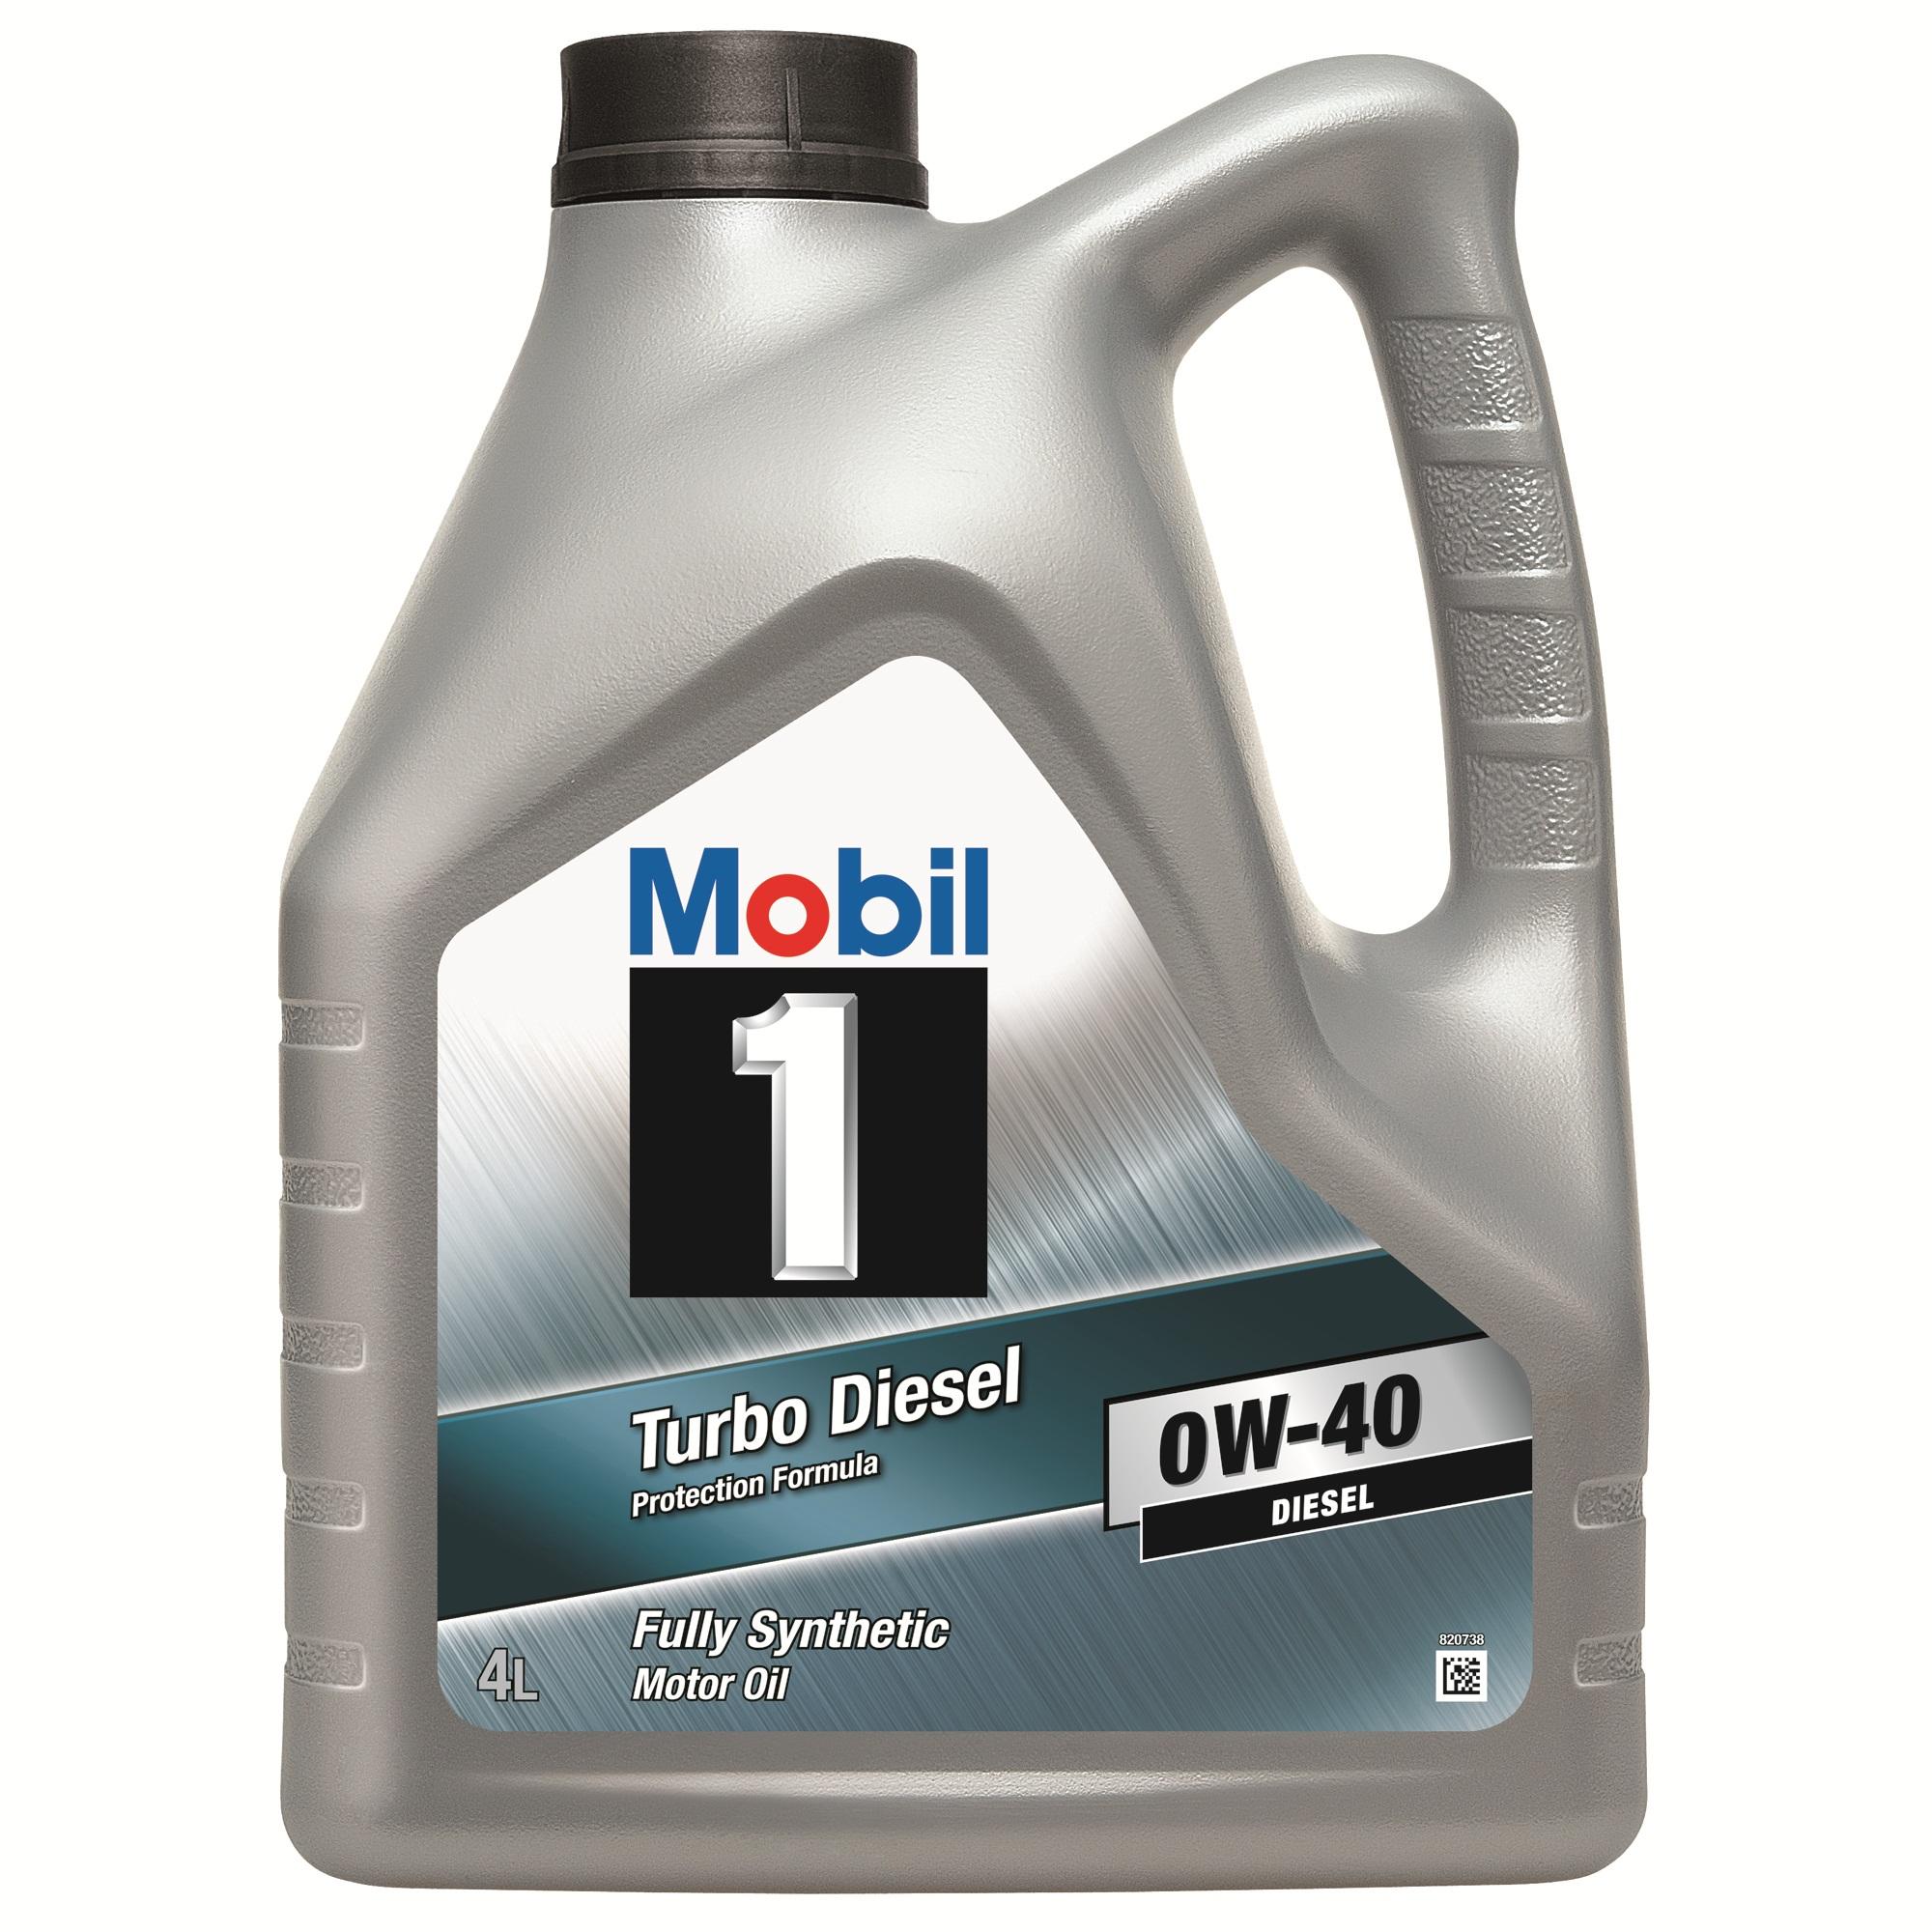 ULEI MOTOR MOBIL 1 TURBO DIESEL 0W40 4L